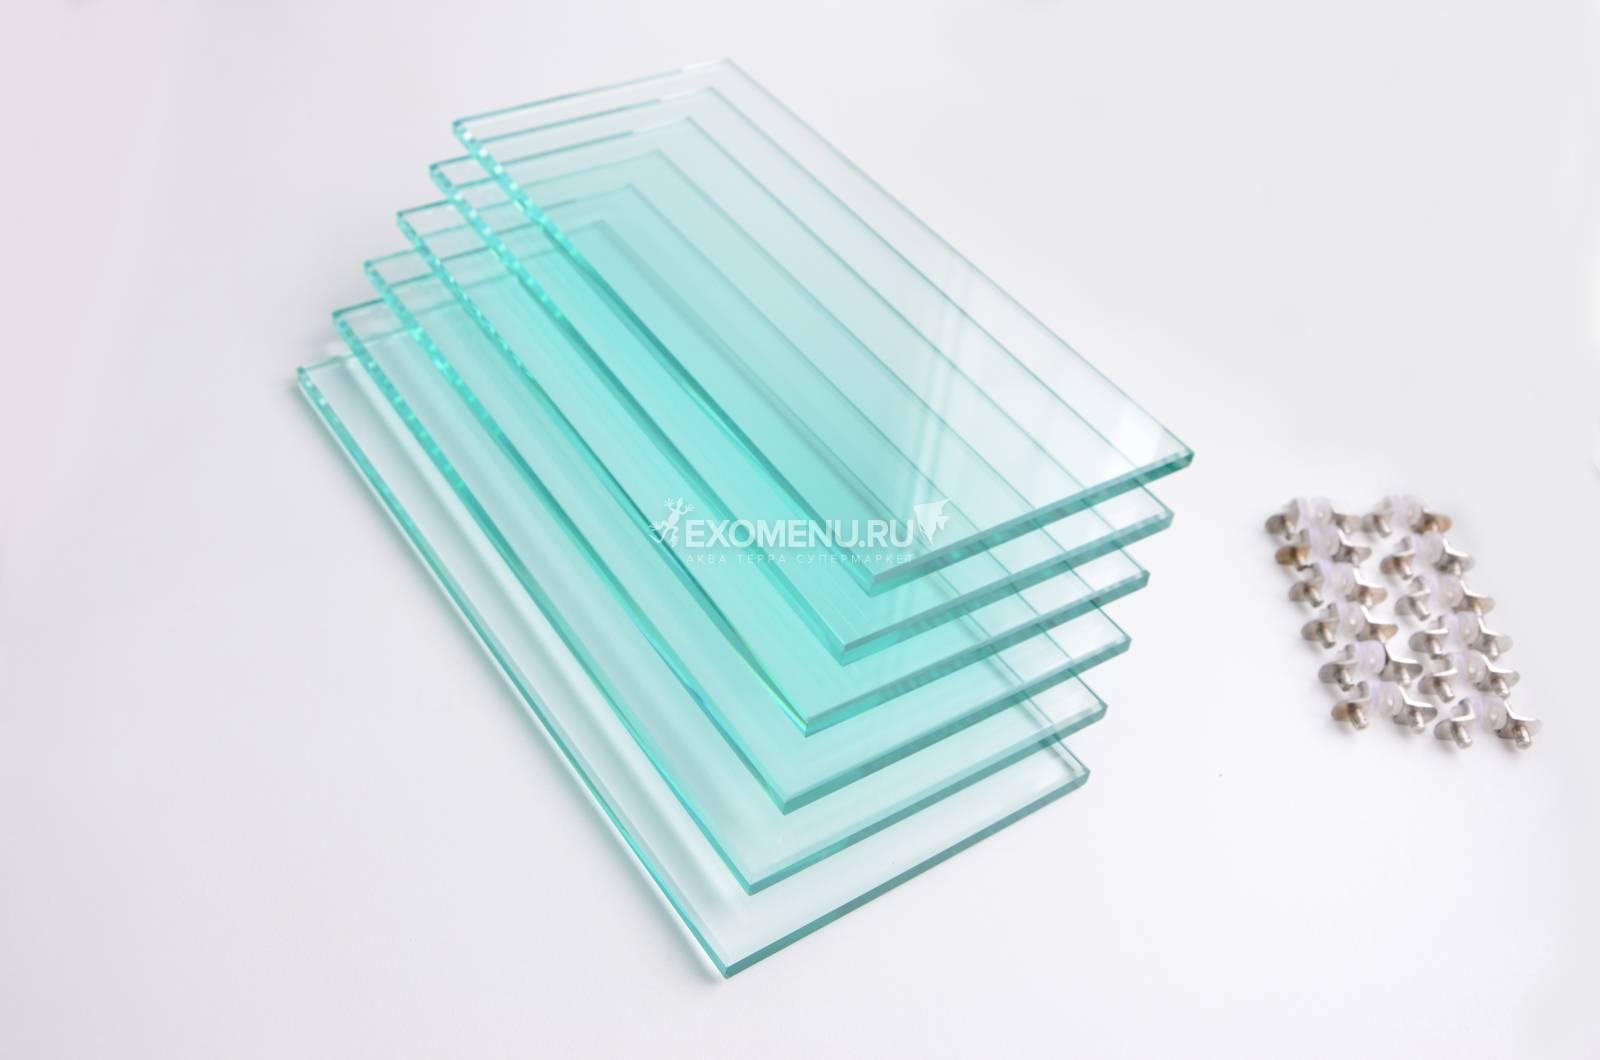 Комплект полированных стеклянных полок Т10мм с фурнитурой д/п ALTUM 135/CRYSTAL 145 (6шт) 116*289мм (шт.)